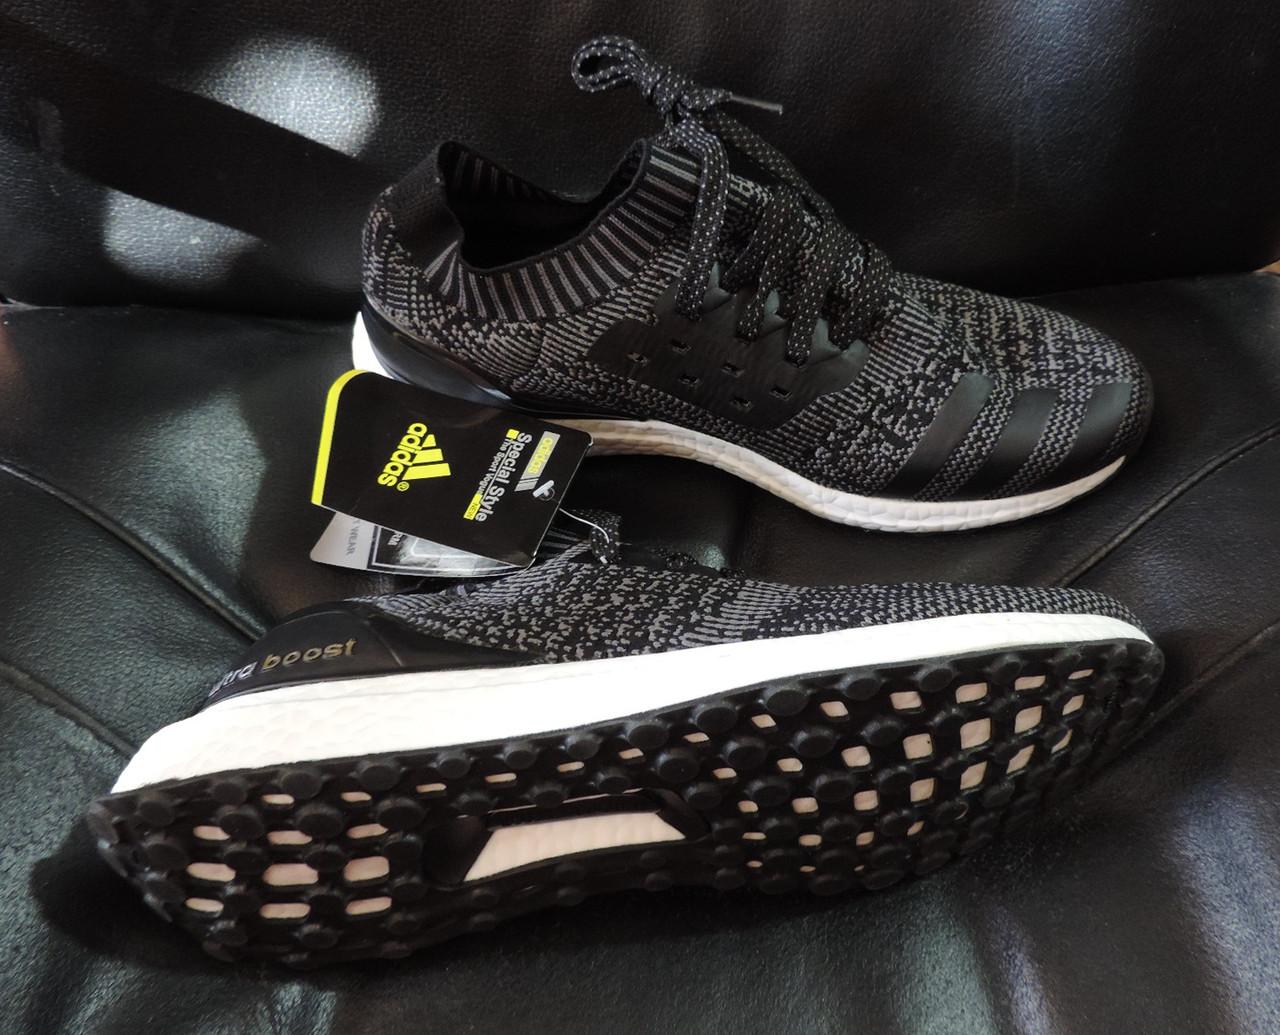 698270b2 Мужские кроссовки Adidas Ultra Boost Uncaged (Адидас Ультра Буст). Беговые  кроссовки. Лицензионные